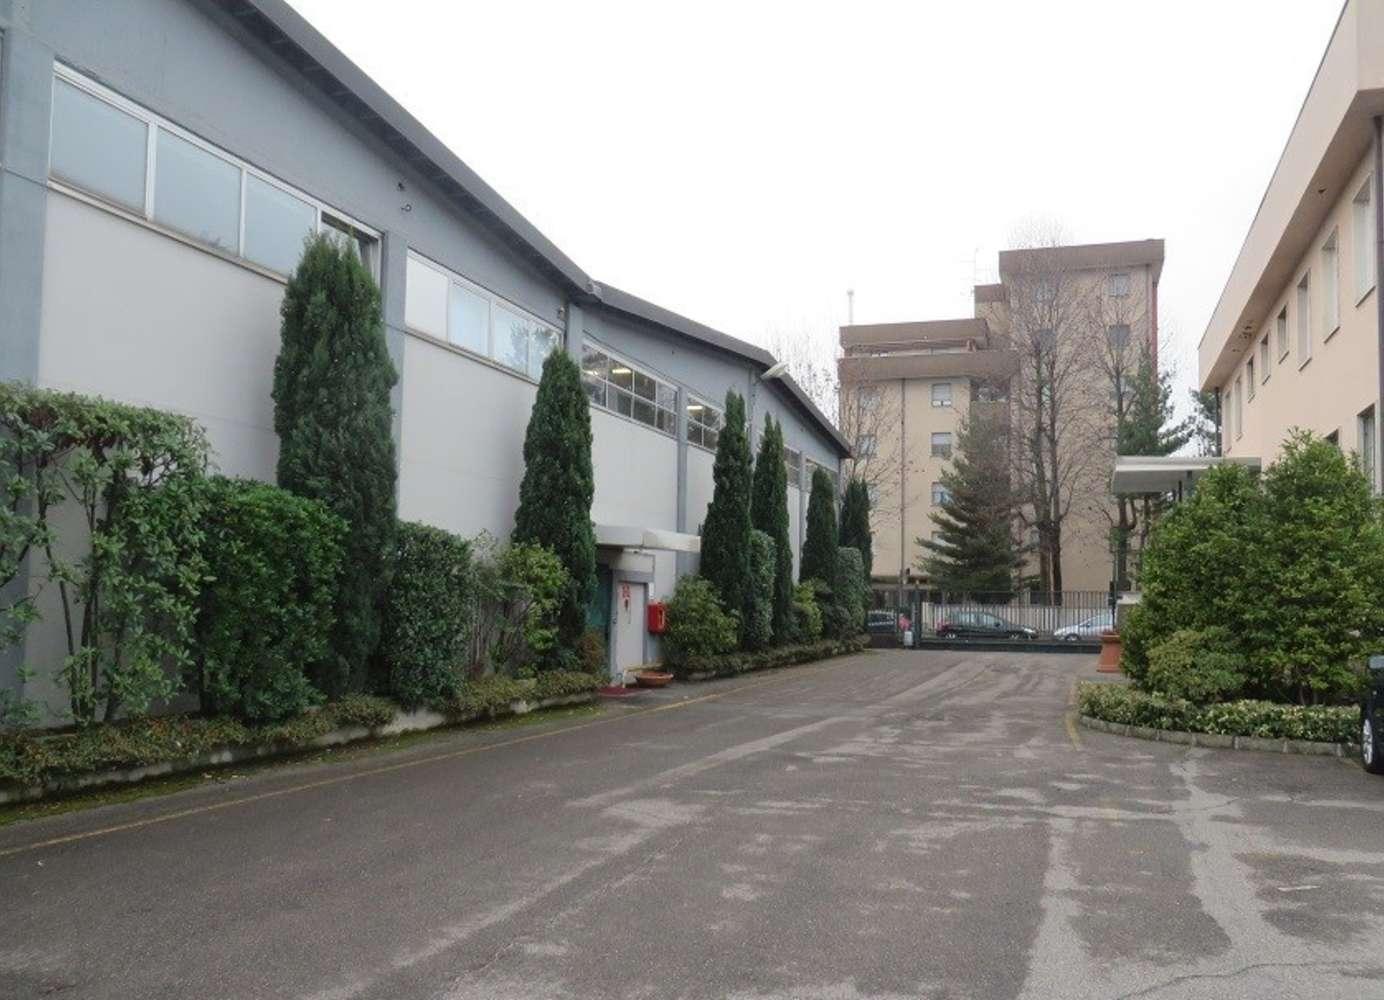 Magazzini industriali e logistici Caronno pertusella, 21042 - Caronno Pertusella - 10008334